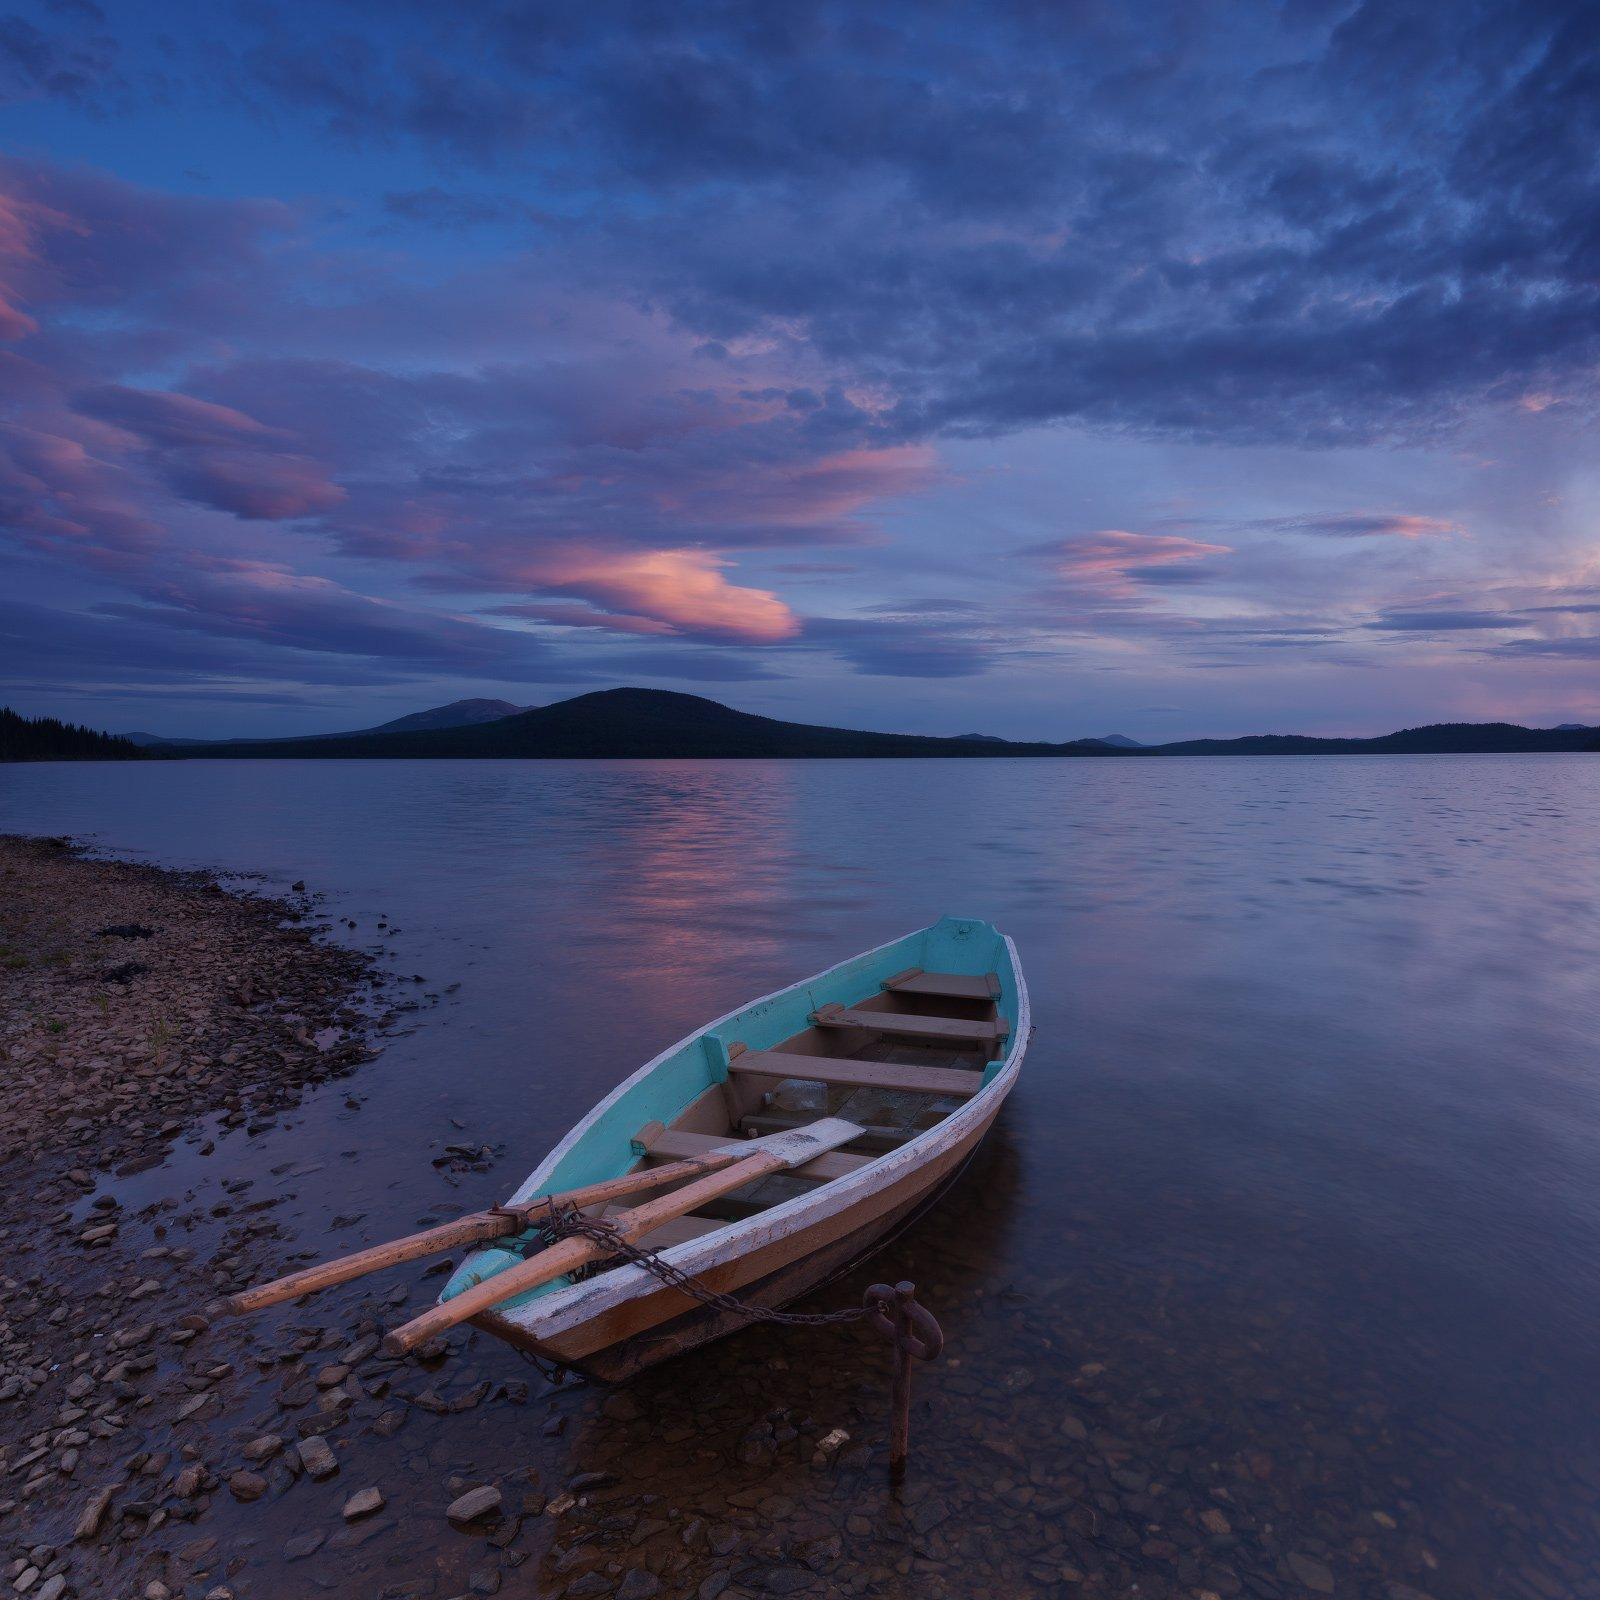 закат, зюраткуль, лодка, озеро, облака, Михаил Трахтенберг ( t_berg )